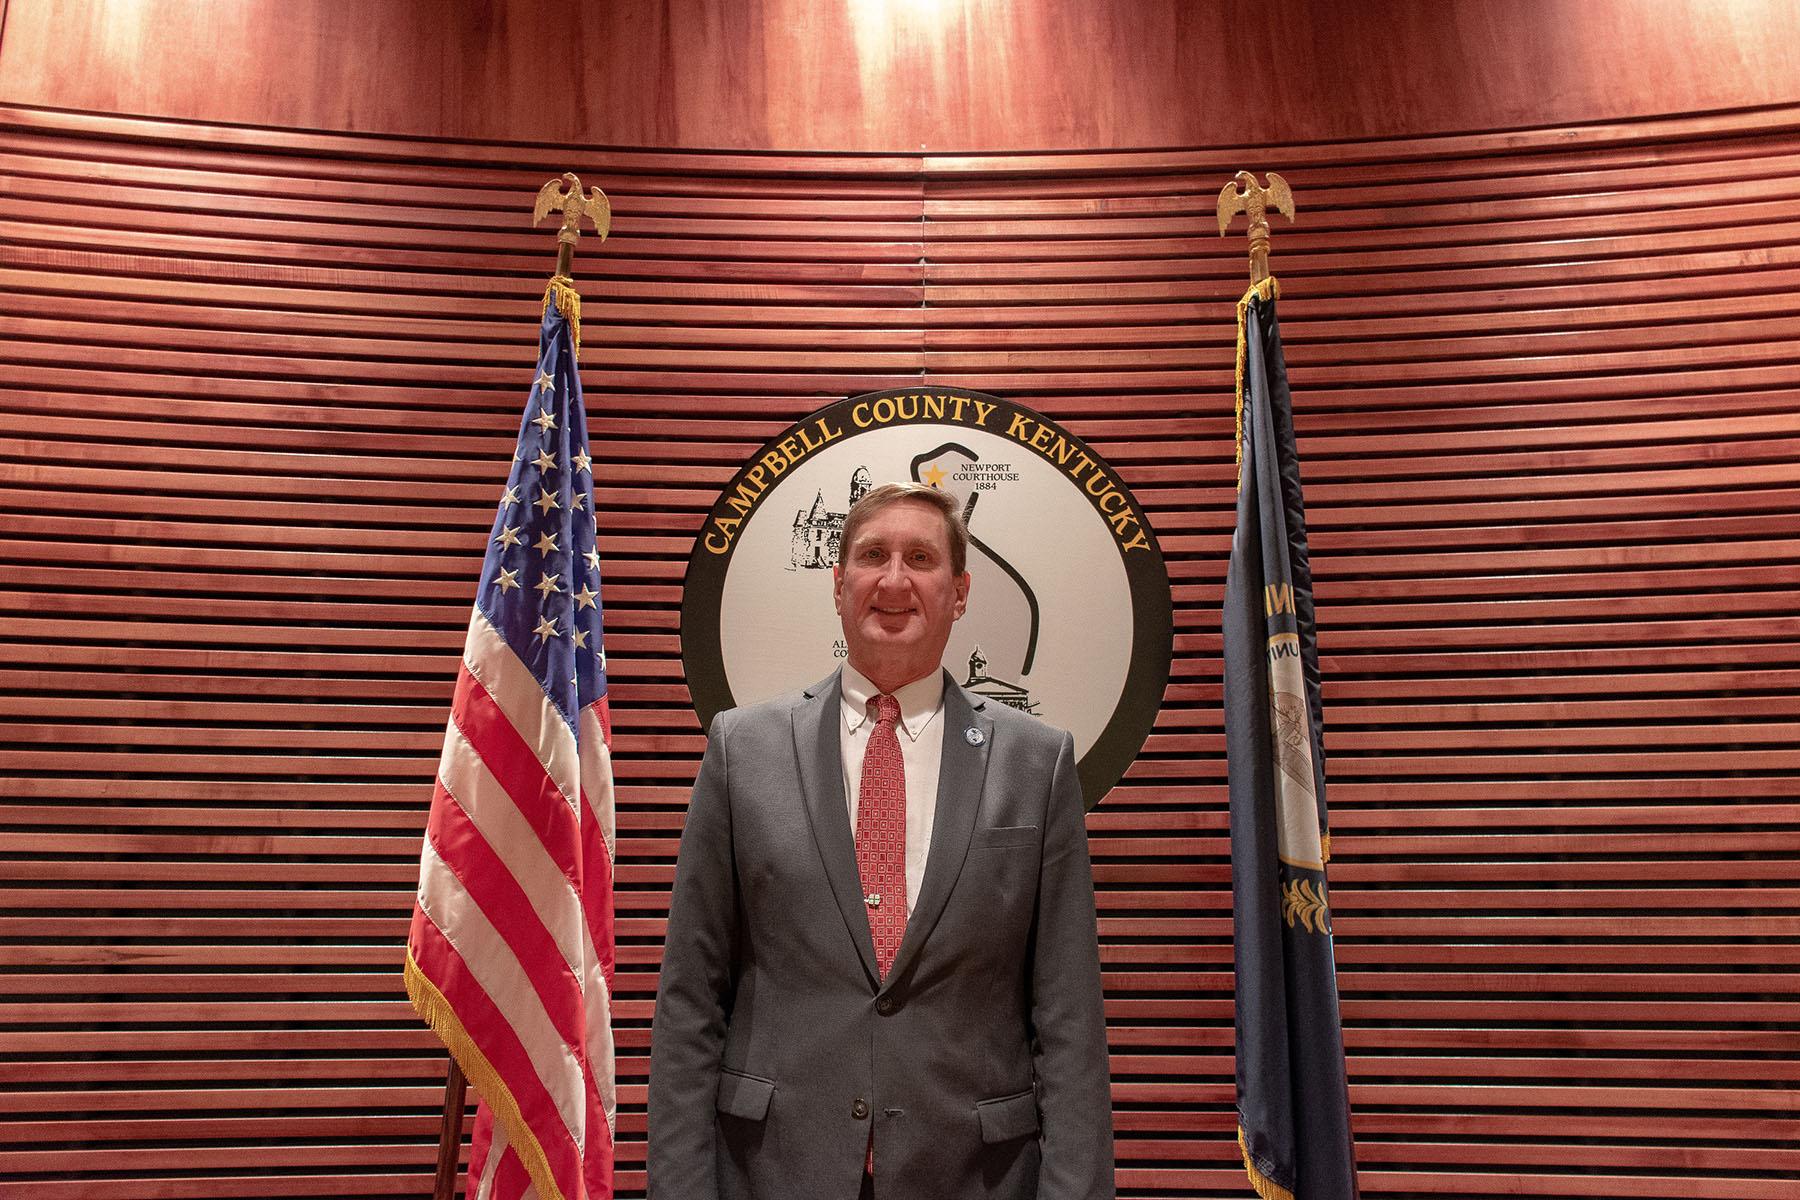 Commissioner Brian Painter